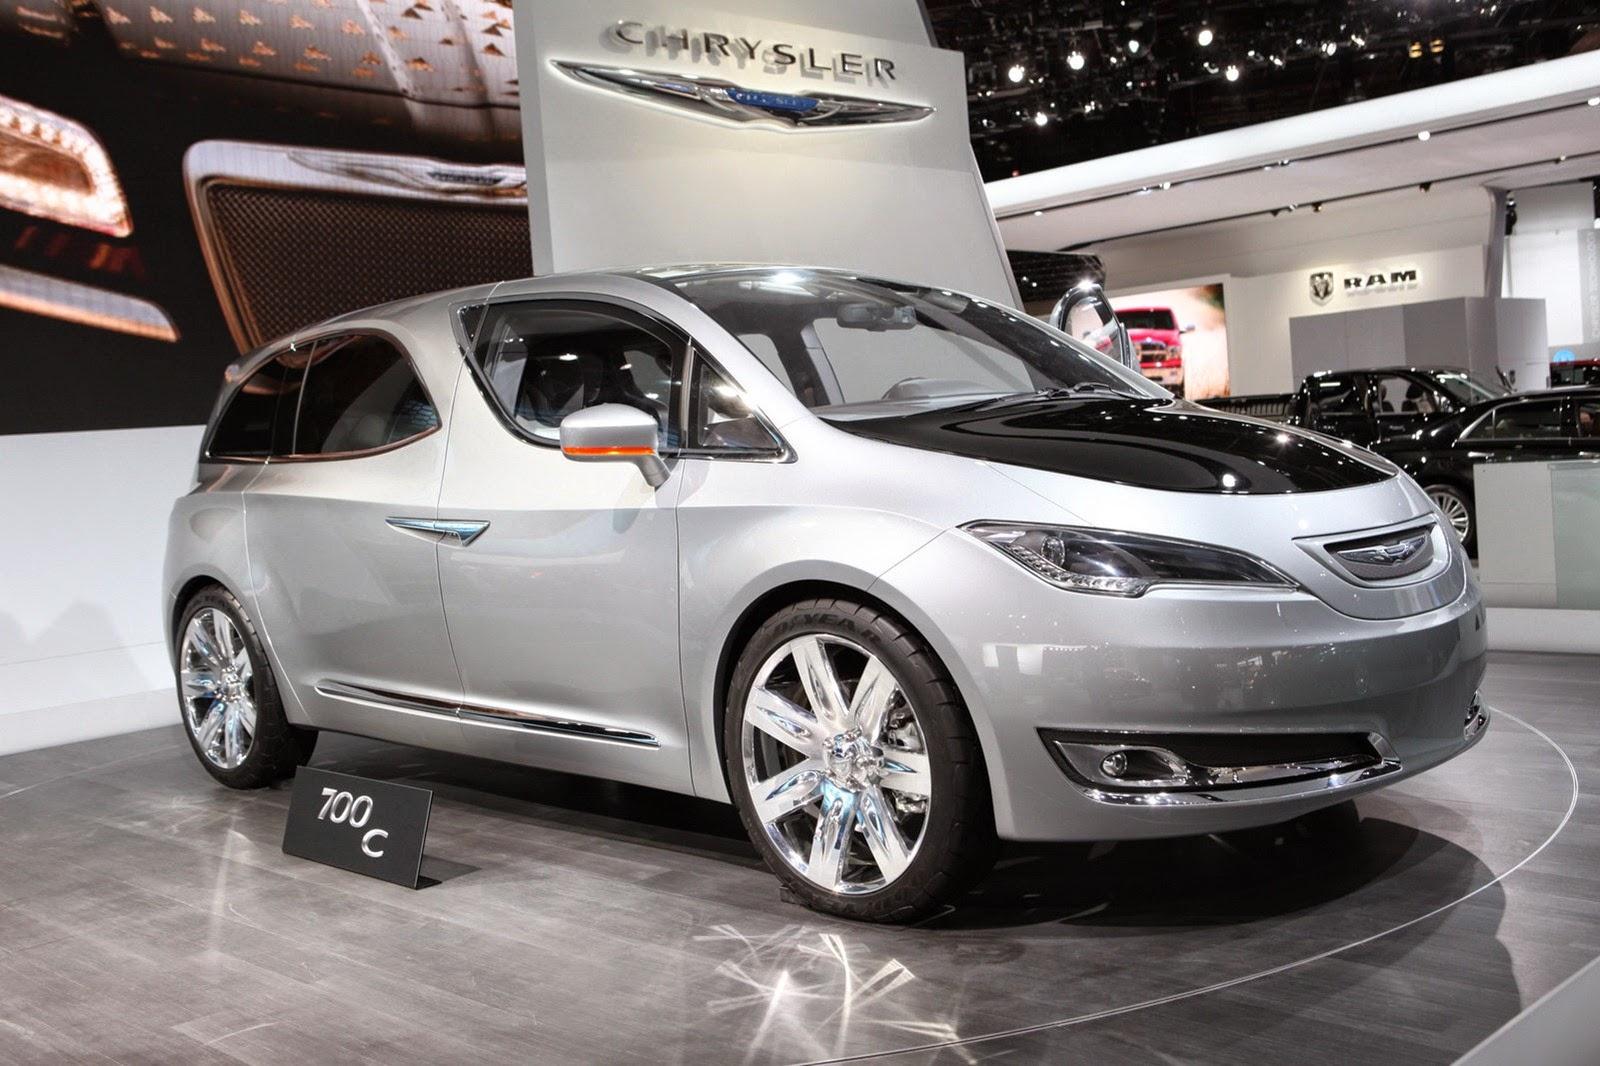 Chrysler Confirms New Minivan For 2016 Detroit Auto Show